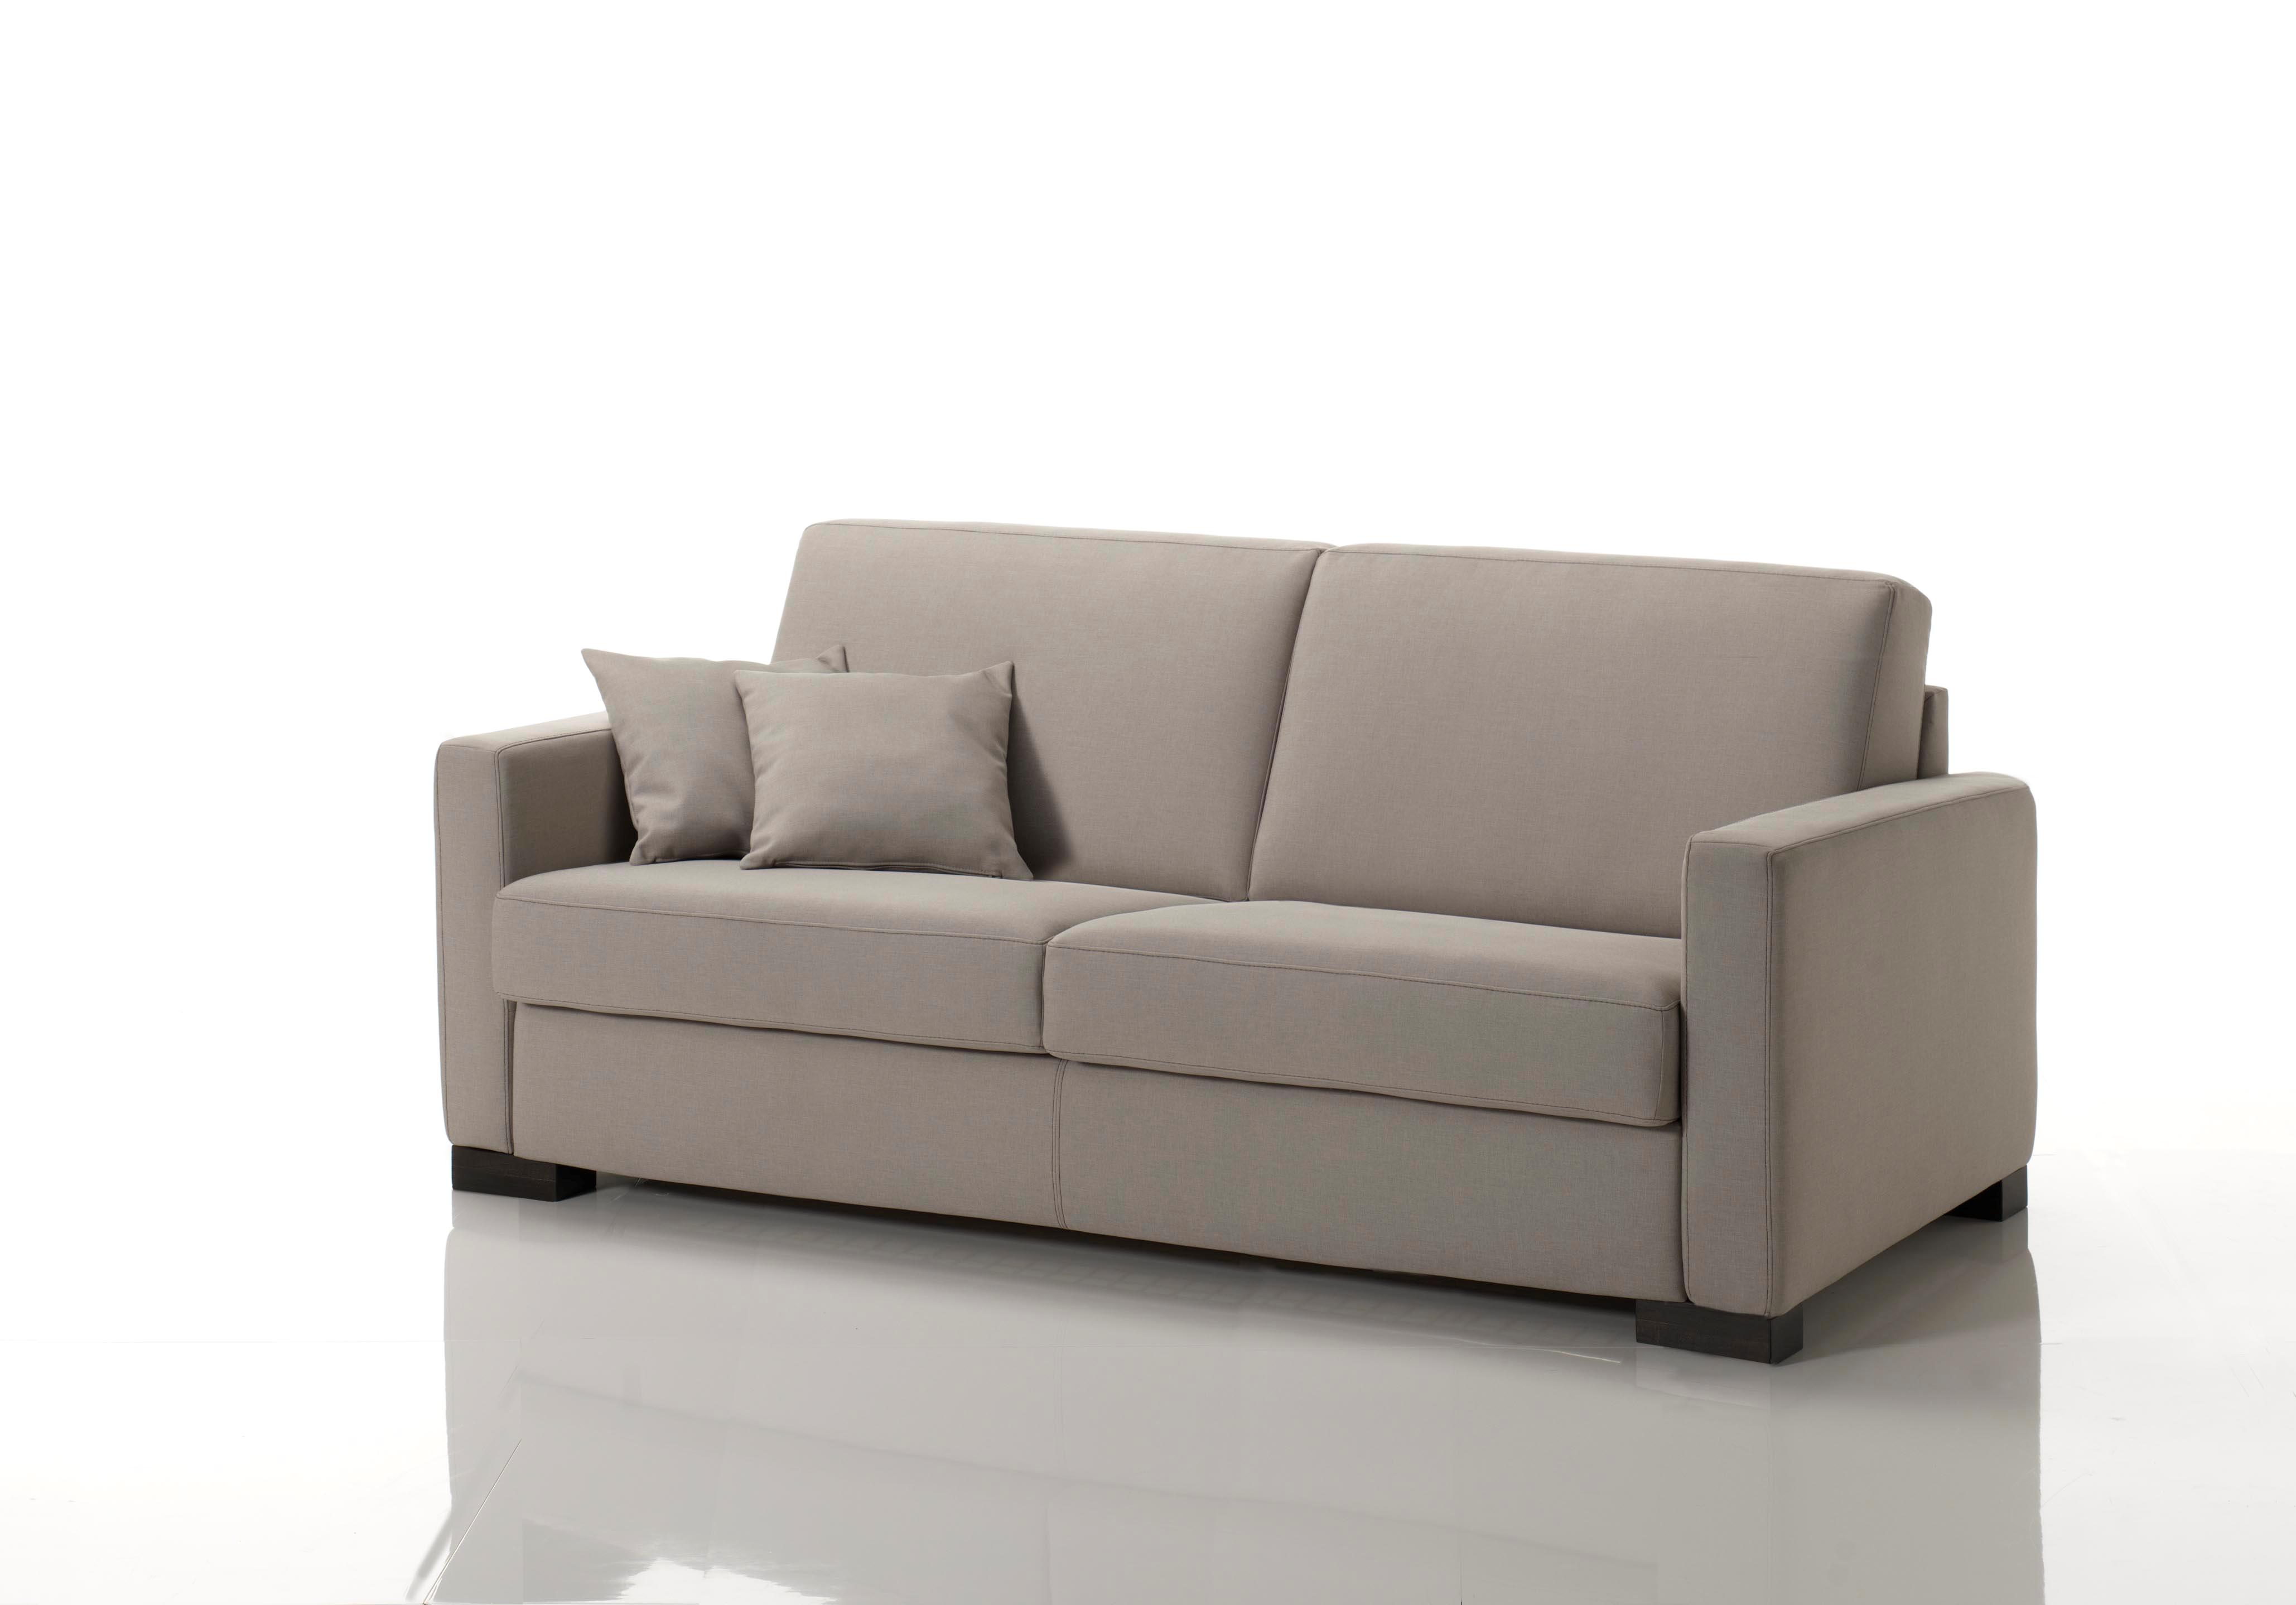 Divano letto con rete elettrosaldata divani a prezzi scontati - Divano letto angolare divani e divani ...